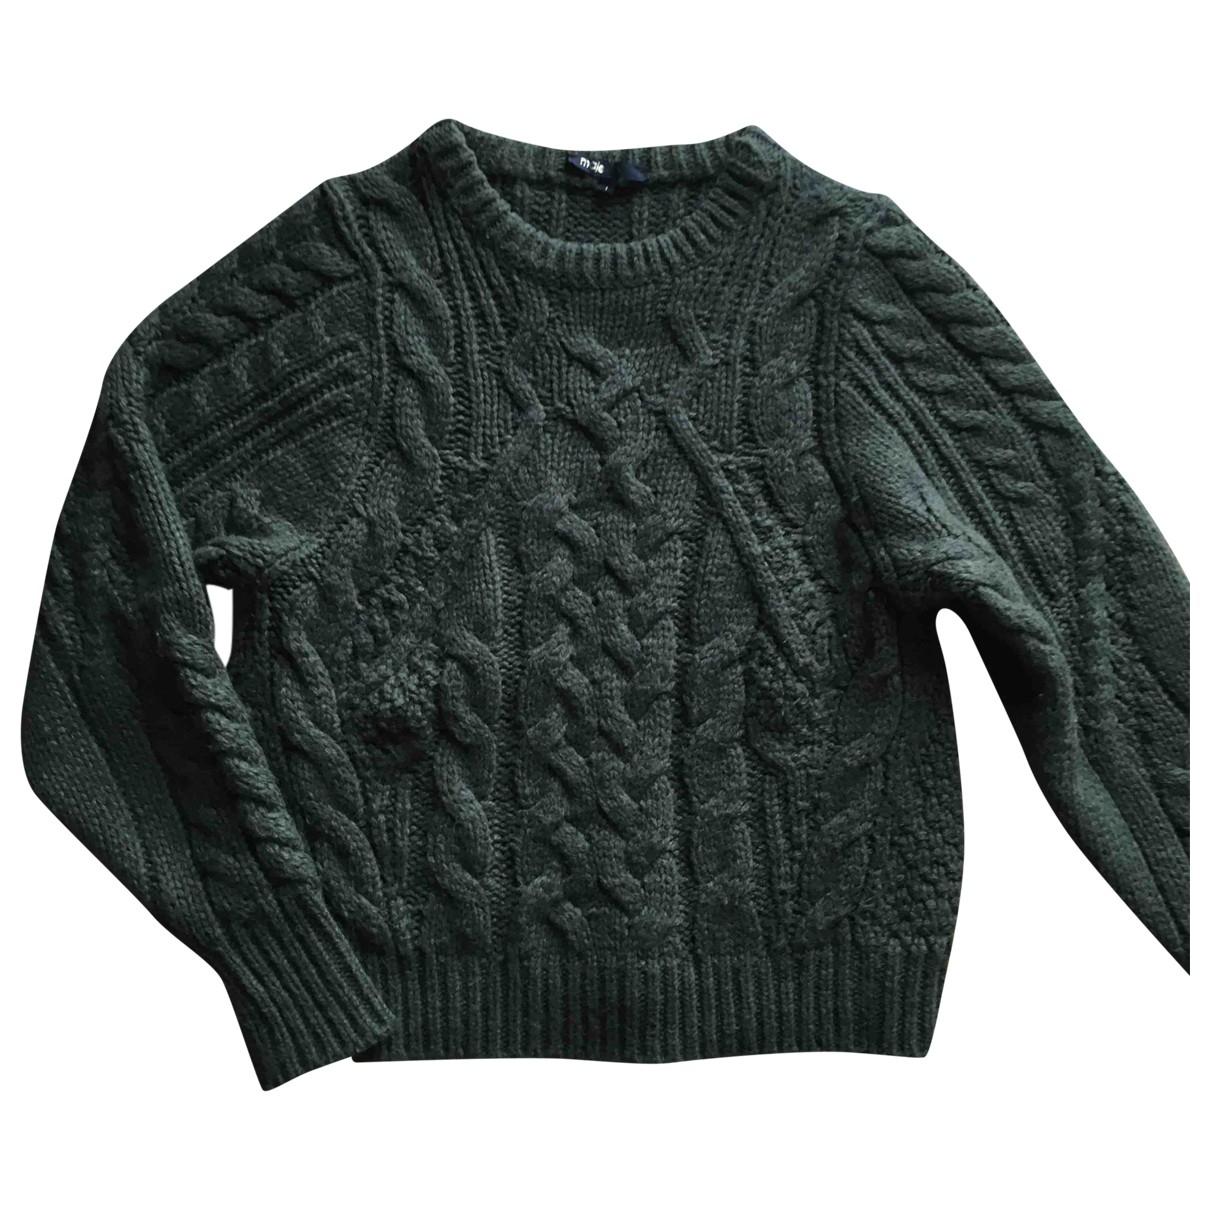 Maje Fall Winter 2019 Khaki Wool Knitwear for Women 36 FR